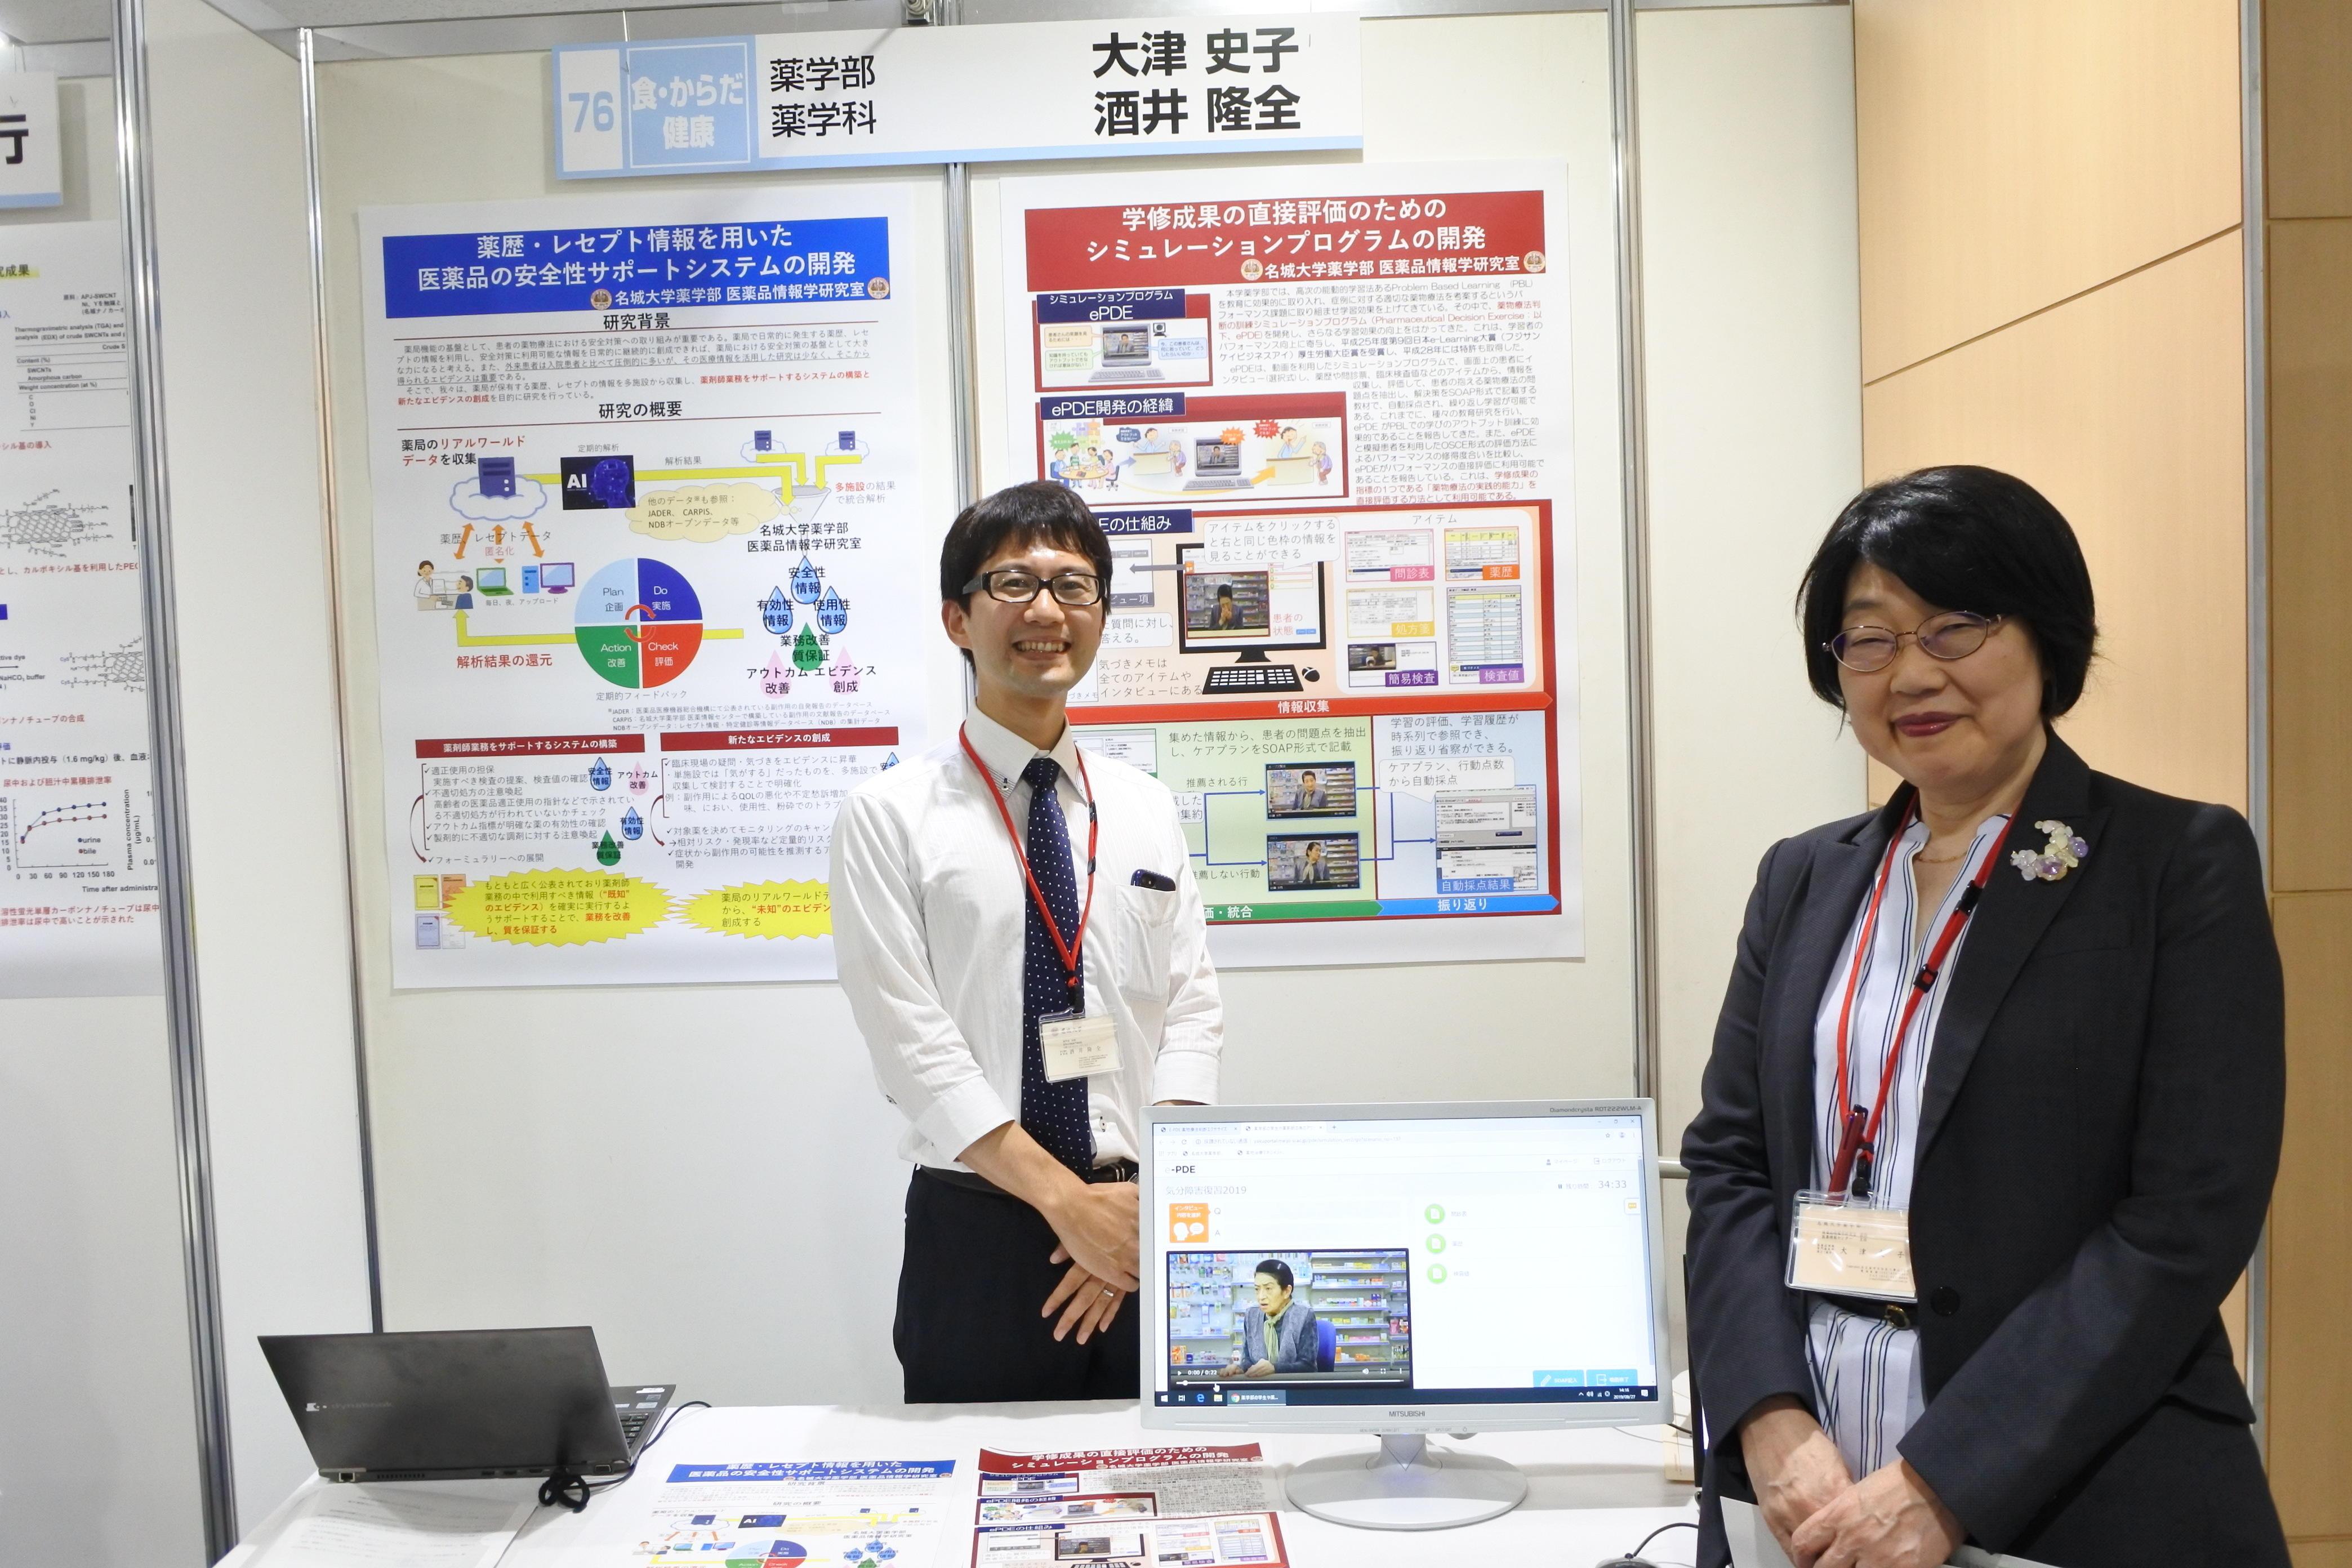 薬学部の大津史子教授(右)と酒井隆全助教